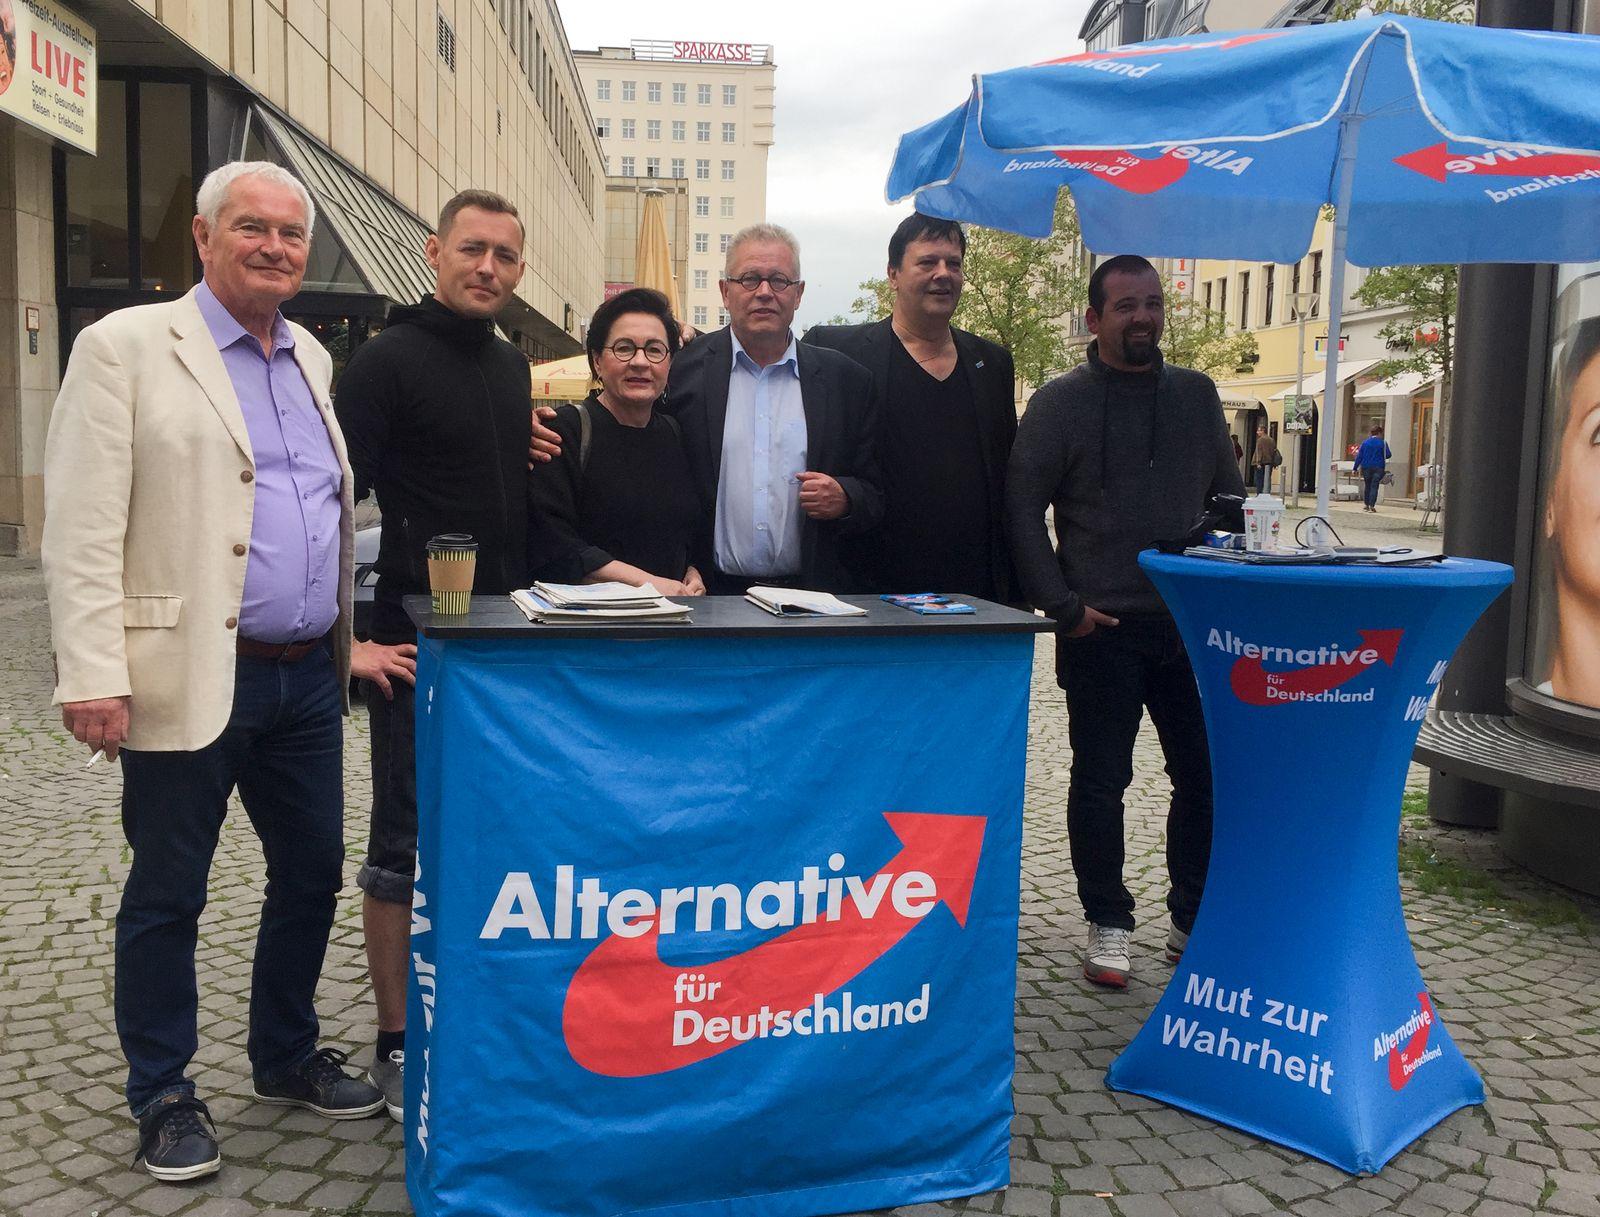 Gera/ AfD-Stand in der Innenstadt mit Dieter Laudenbach (Mitte rechts)